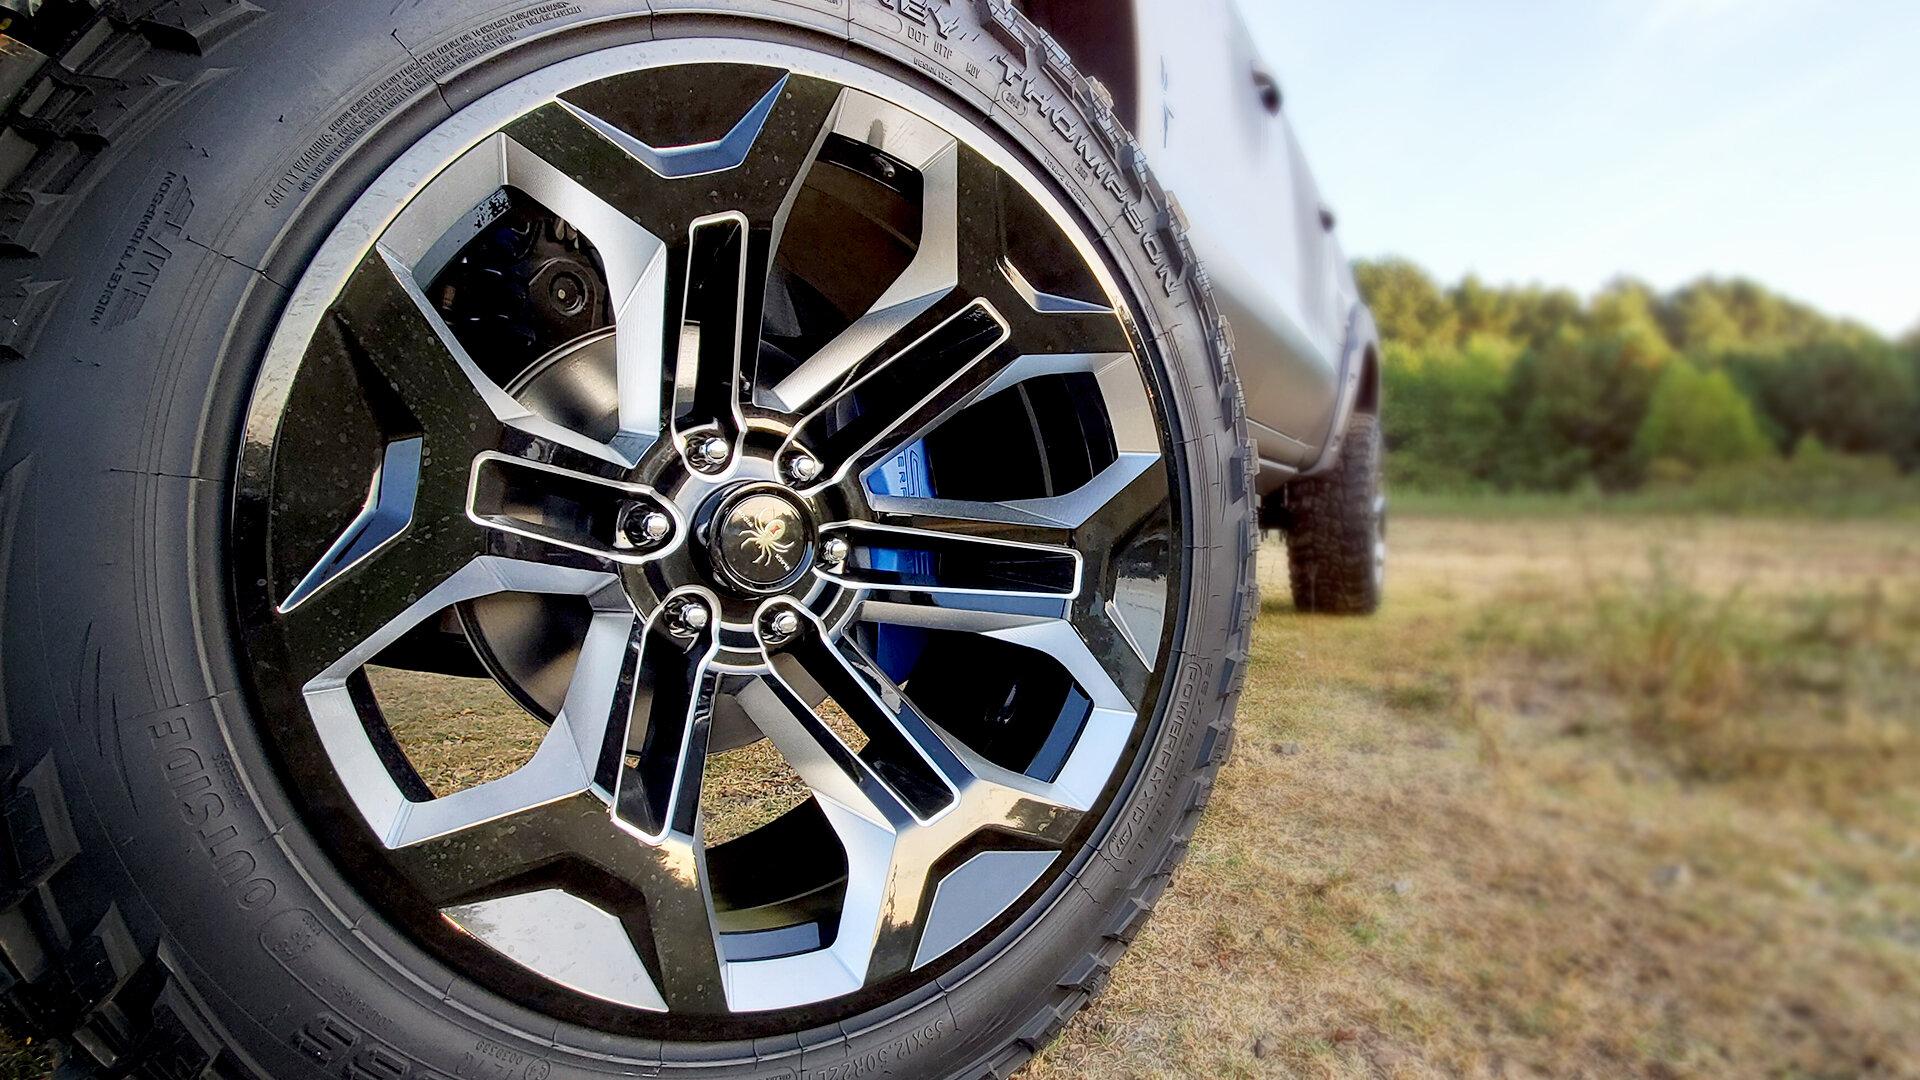 SCA 40th Chevy Black Widow WheelTire_edit.jpg